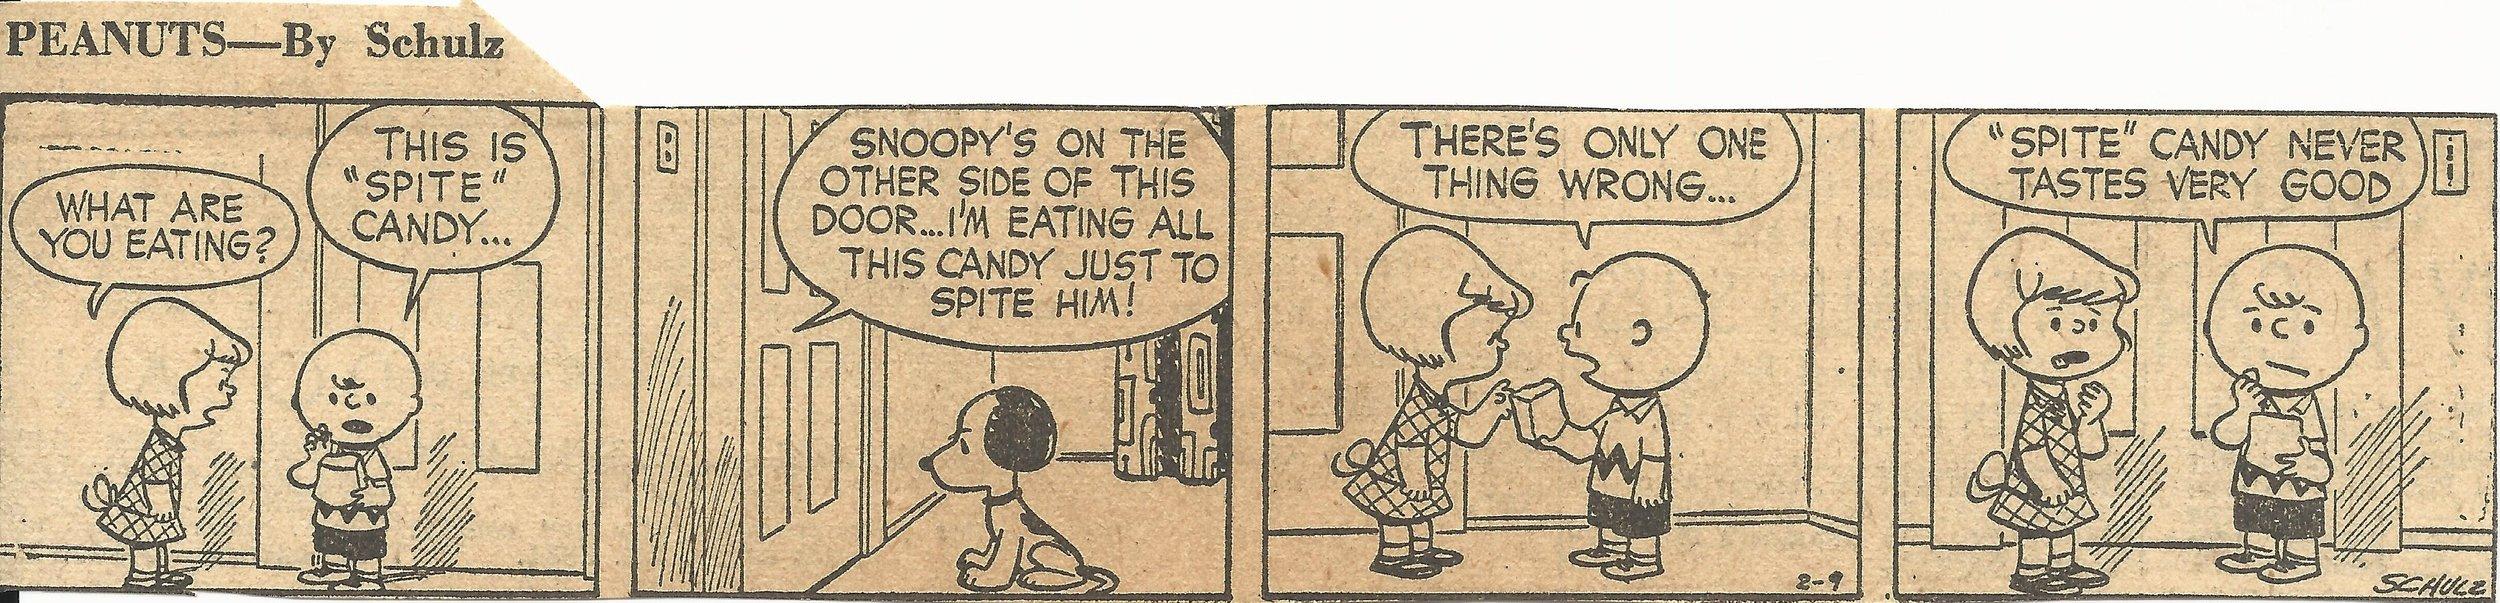 8. Feb. 10, 1953 (Oma)_Page_5 (2).jpg